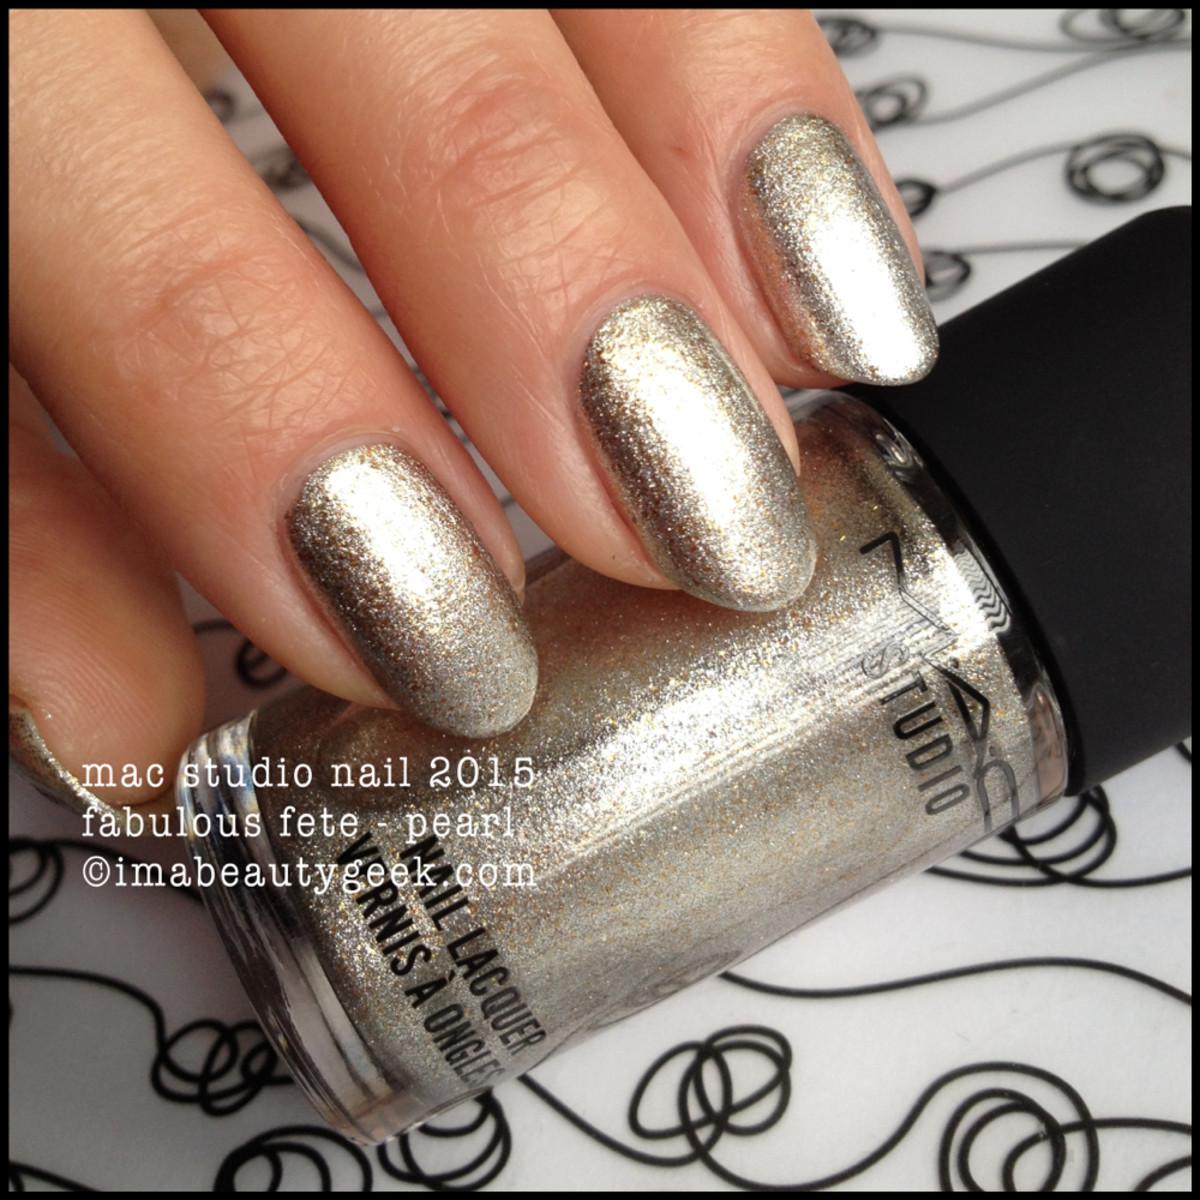 MAC Fabulous Fete Nail Lacquer 2015